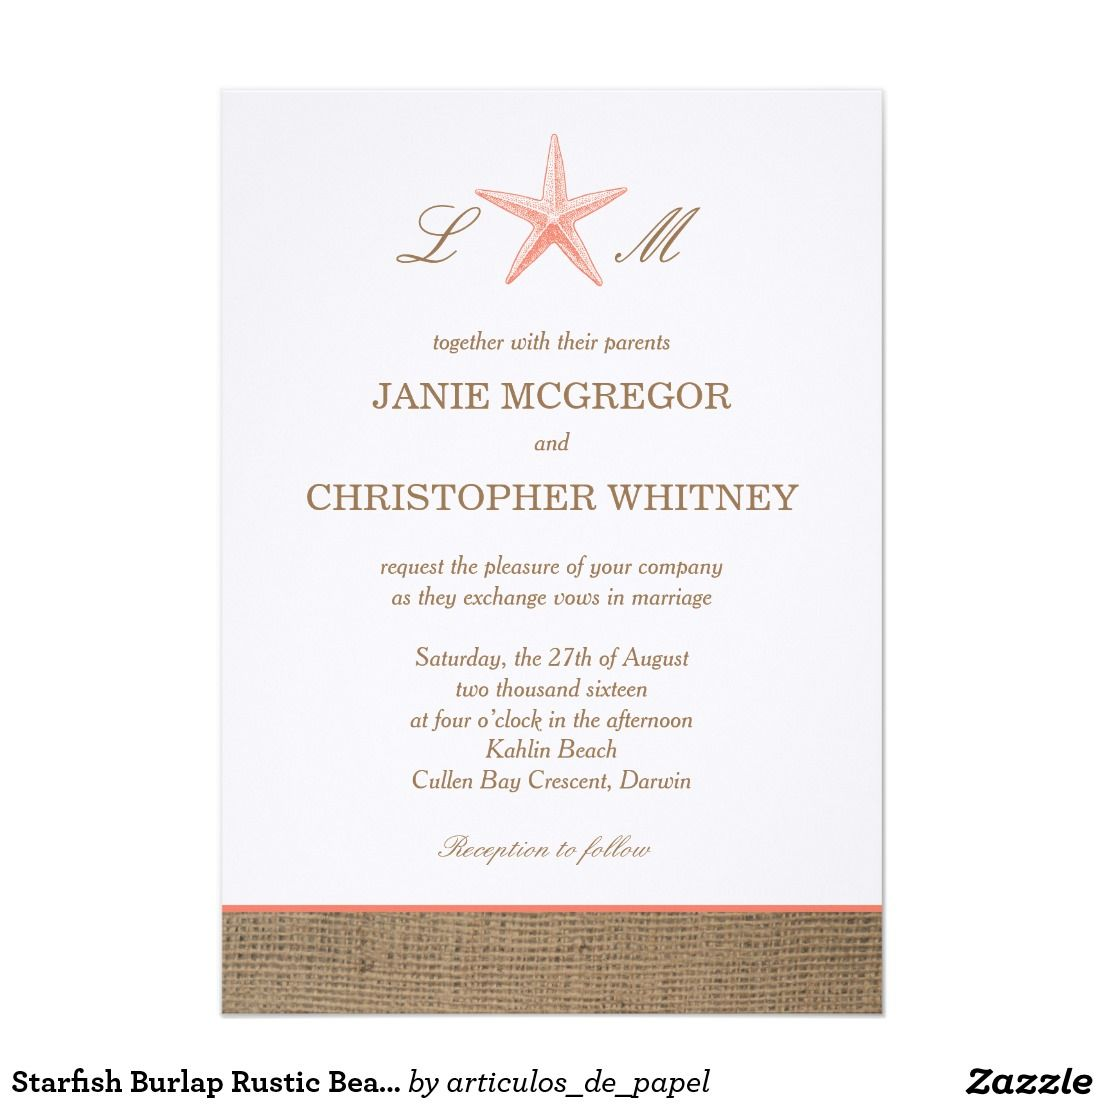 Starfish Burlap Rustic Beach Wedding Invitations | BURLAP WEDDING ...